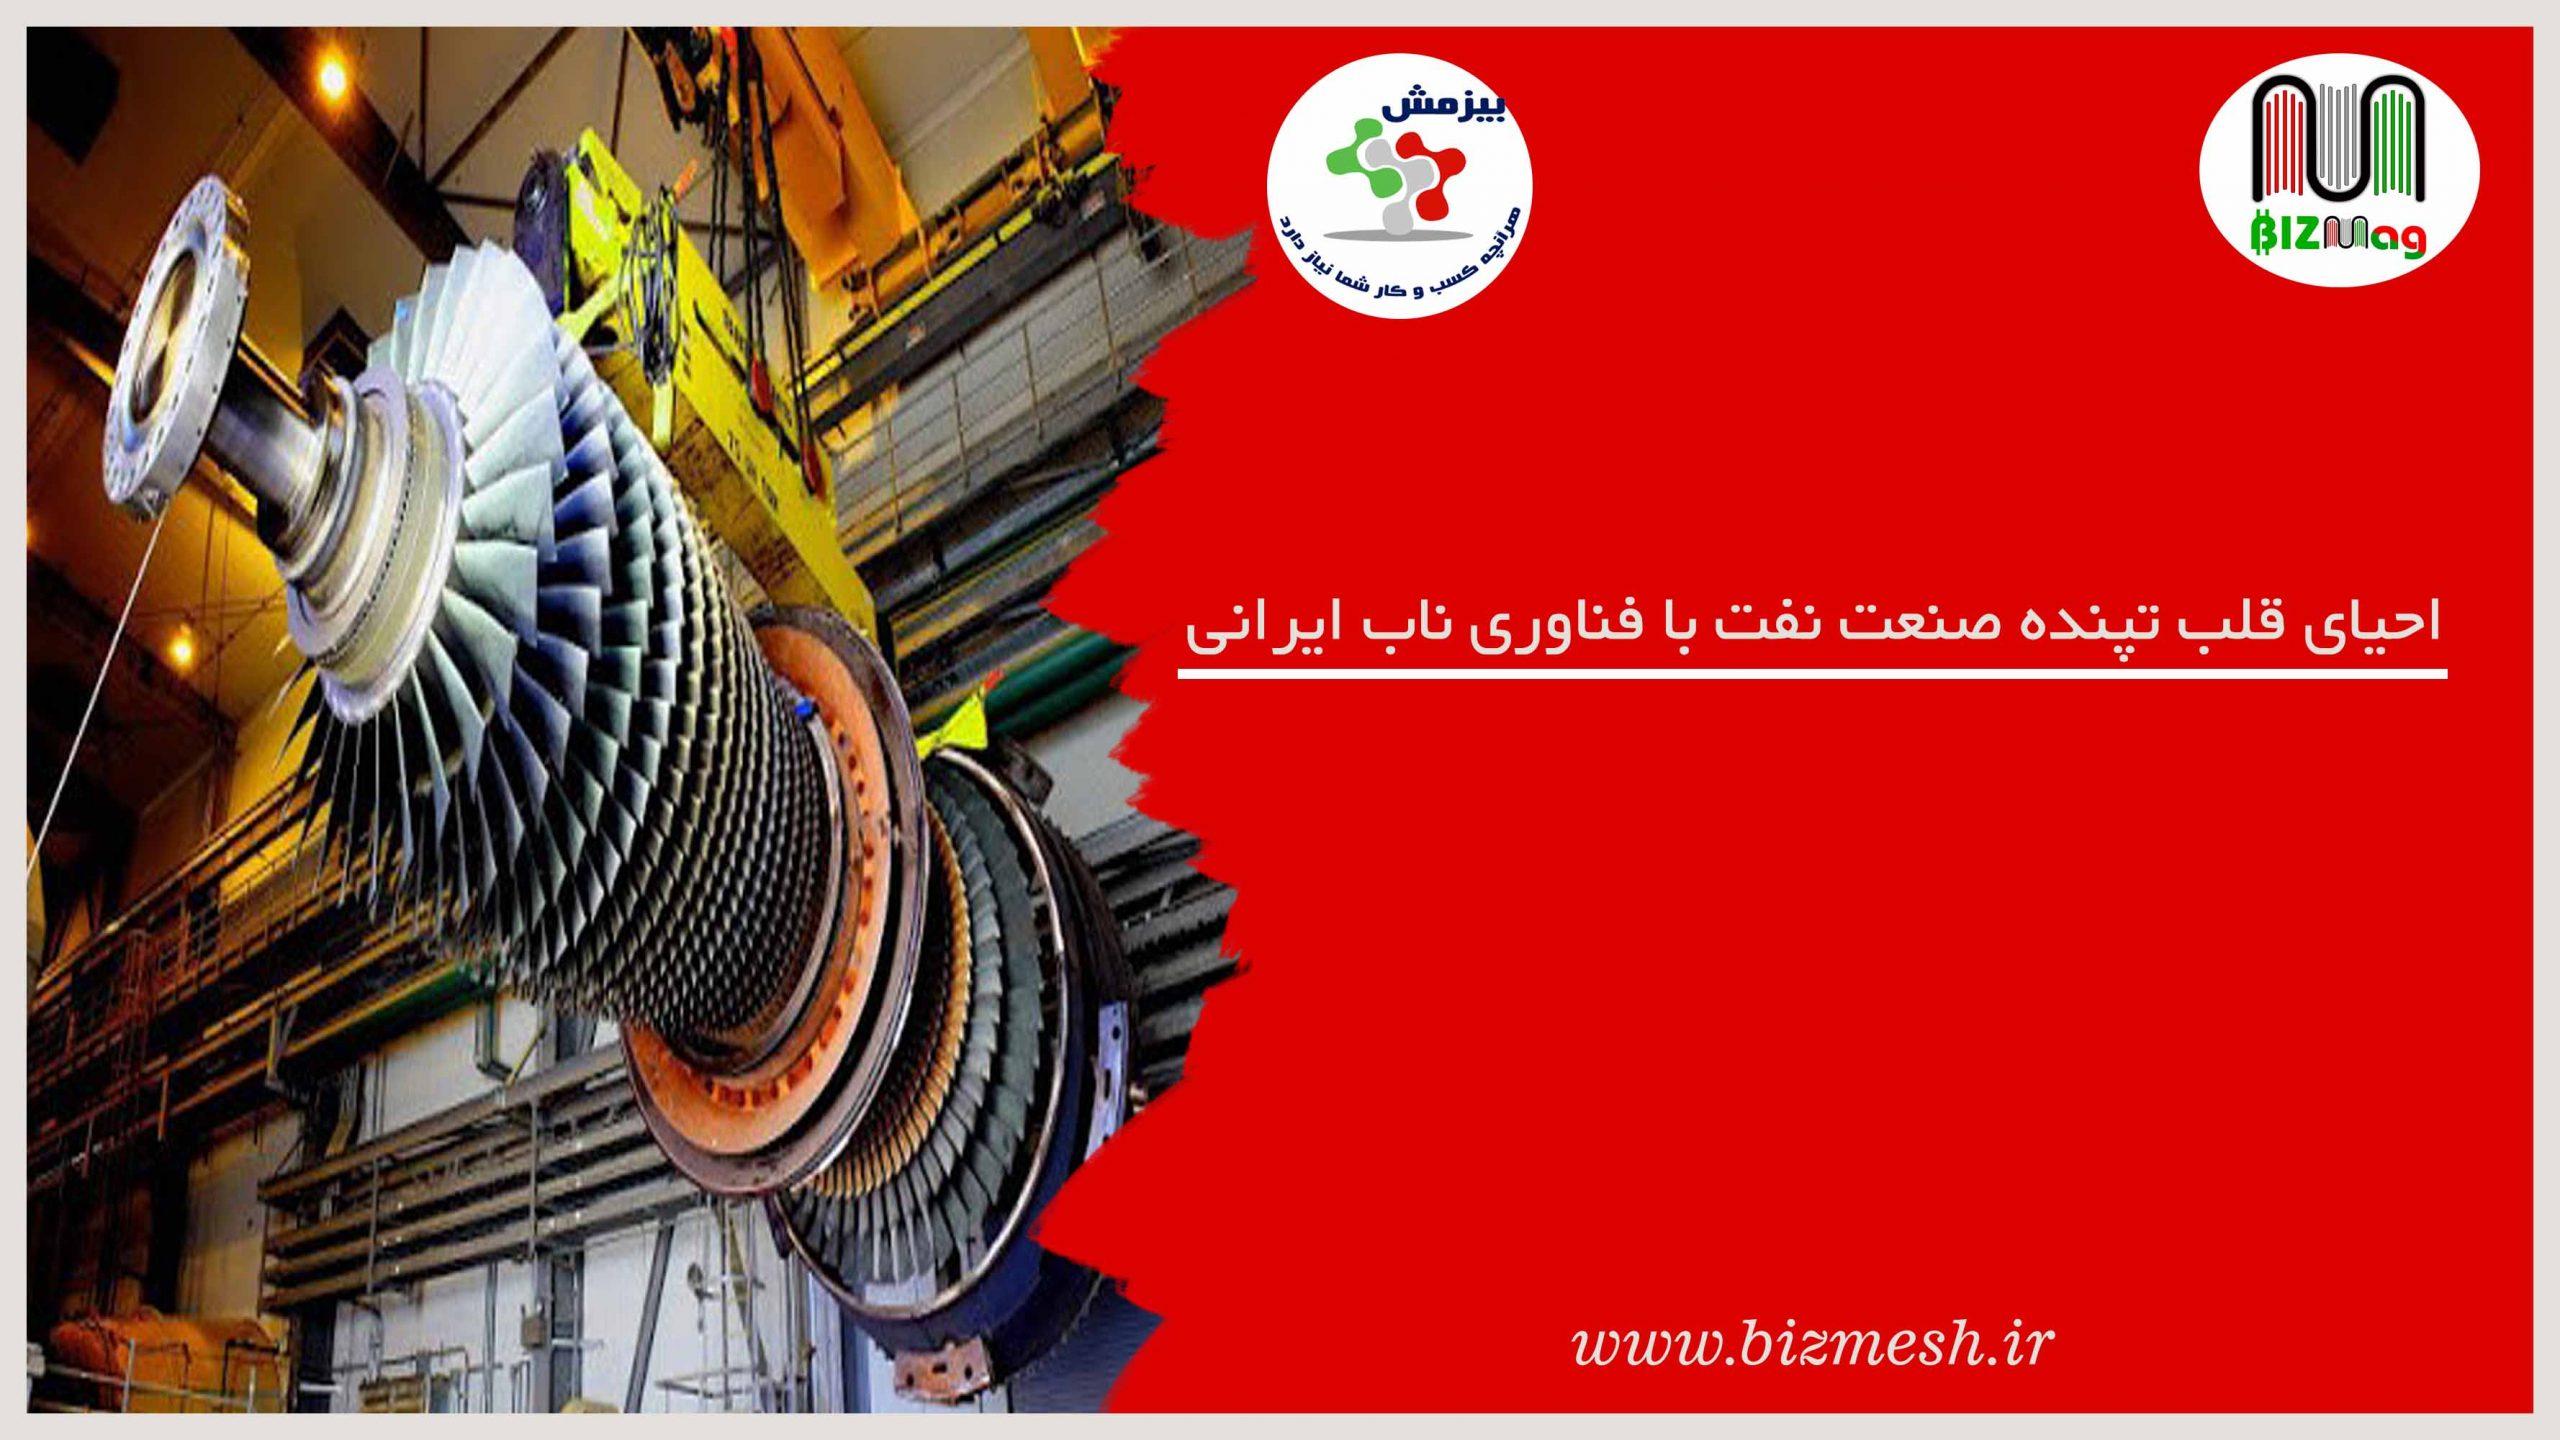 احیای قلب تپنده صنعت نفت با فناوری ناب ایرانی/ برای بازطراحی «روتور» تنها دو سال زمان کافی بود!